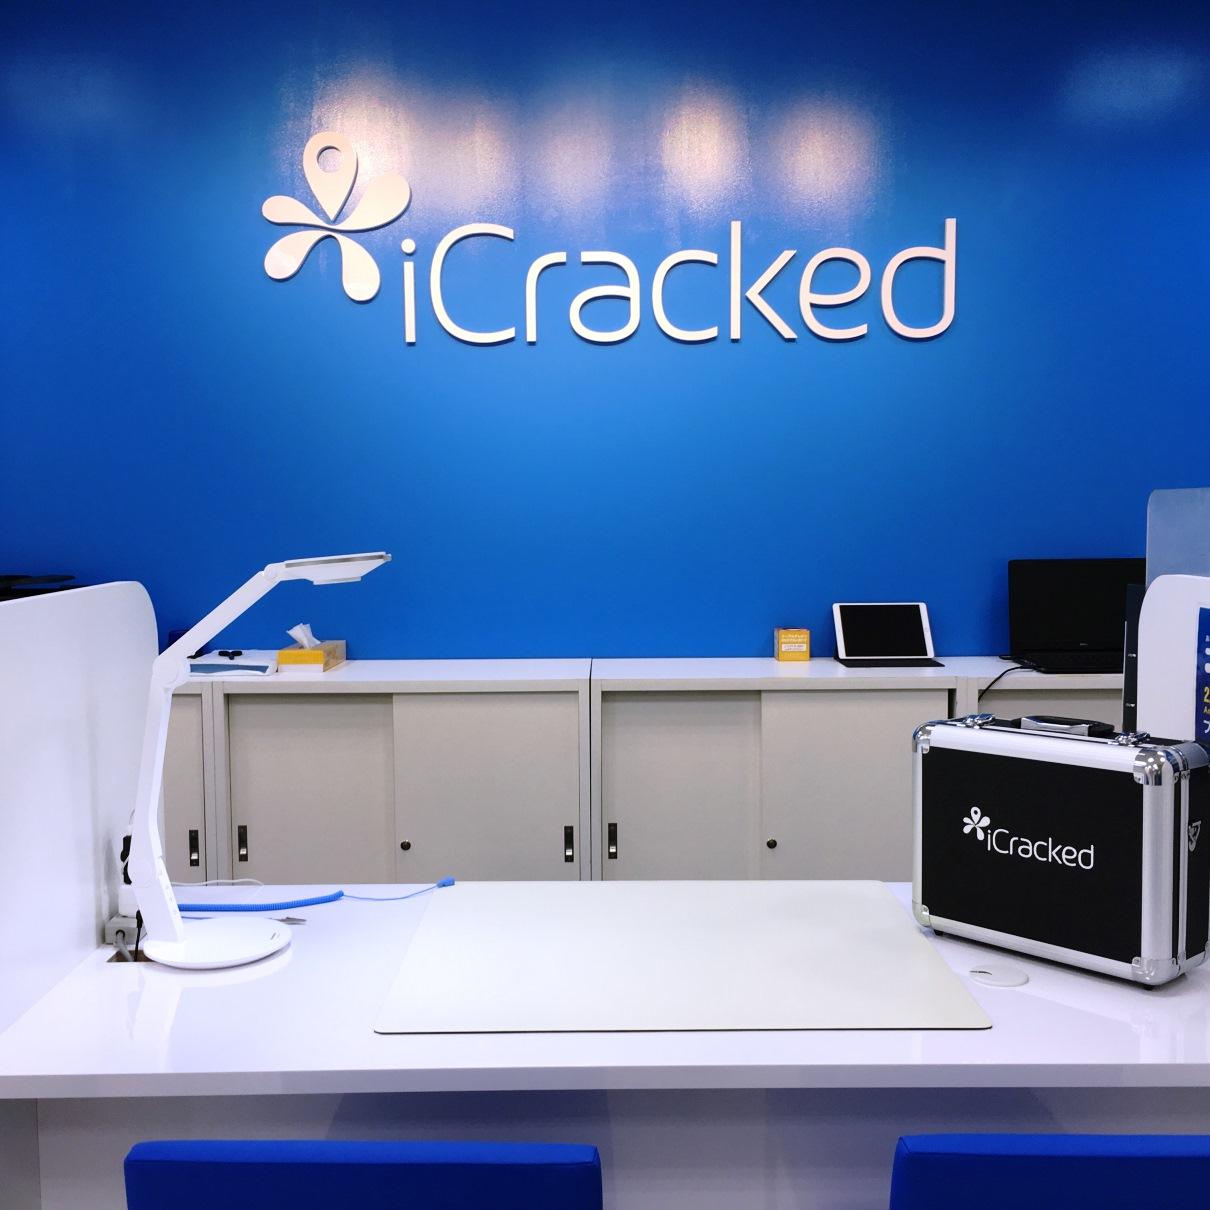 【閉店】iCracked Store 二俣川店